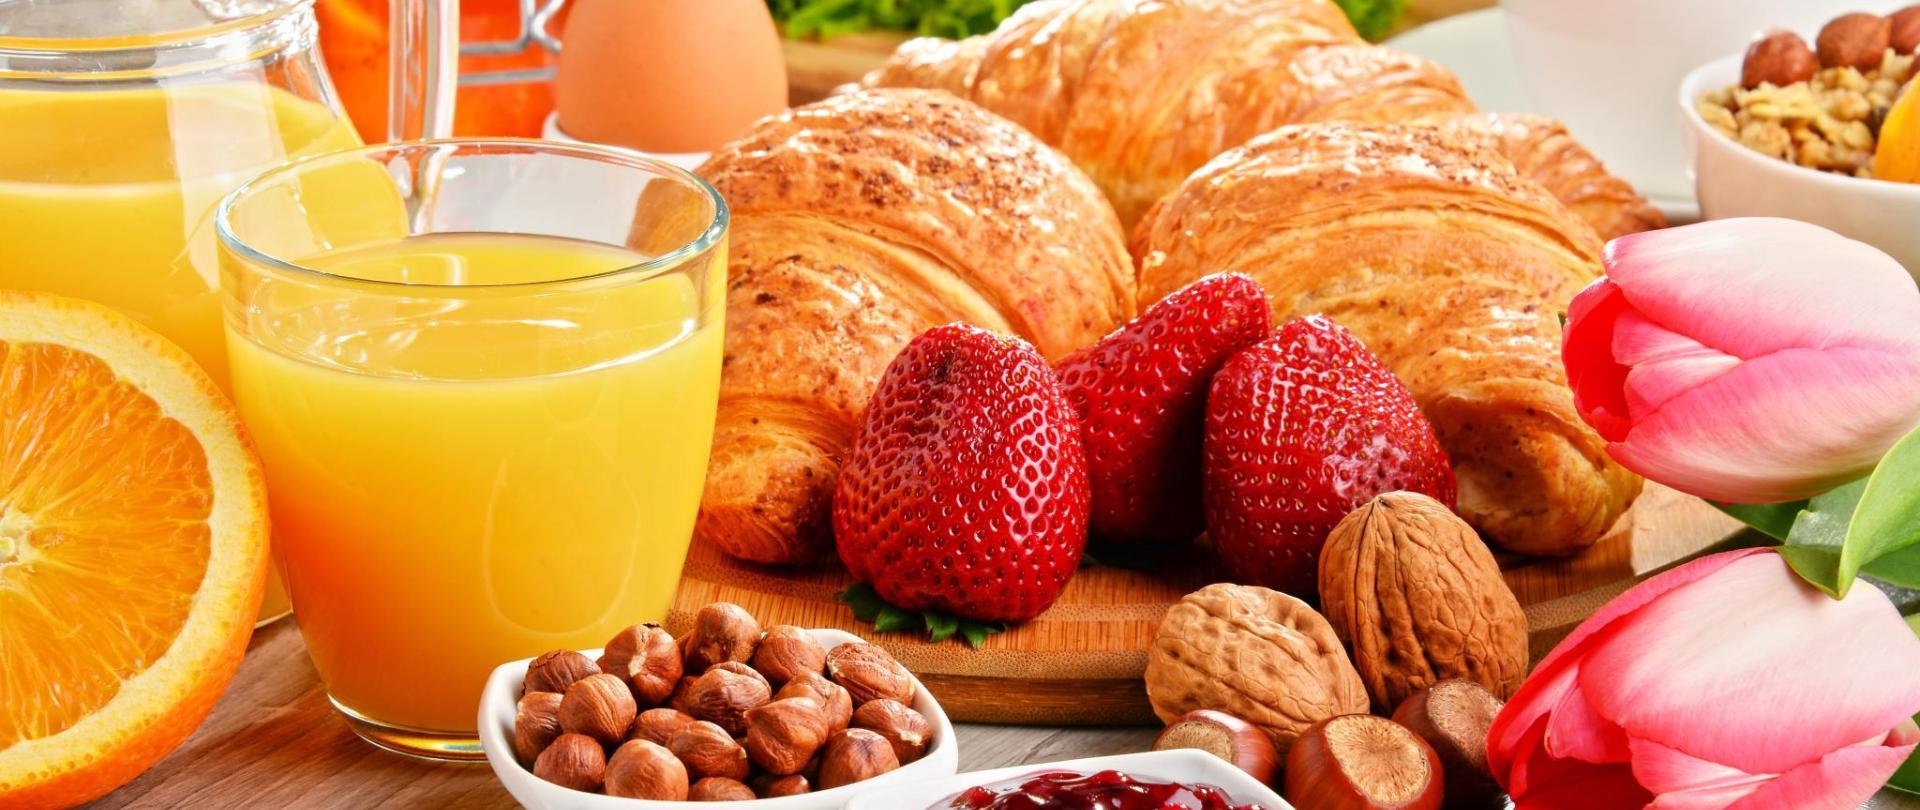 1284118-breakfast.jpg